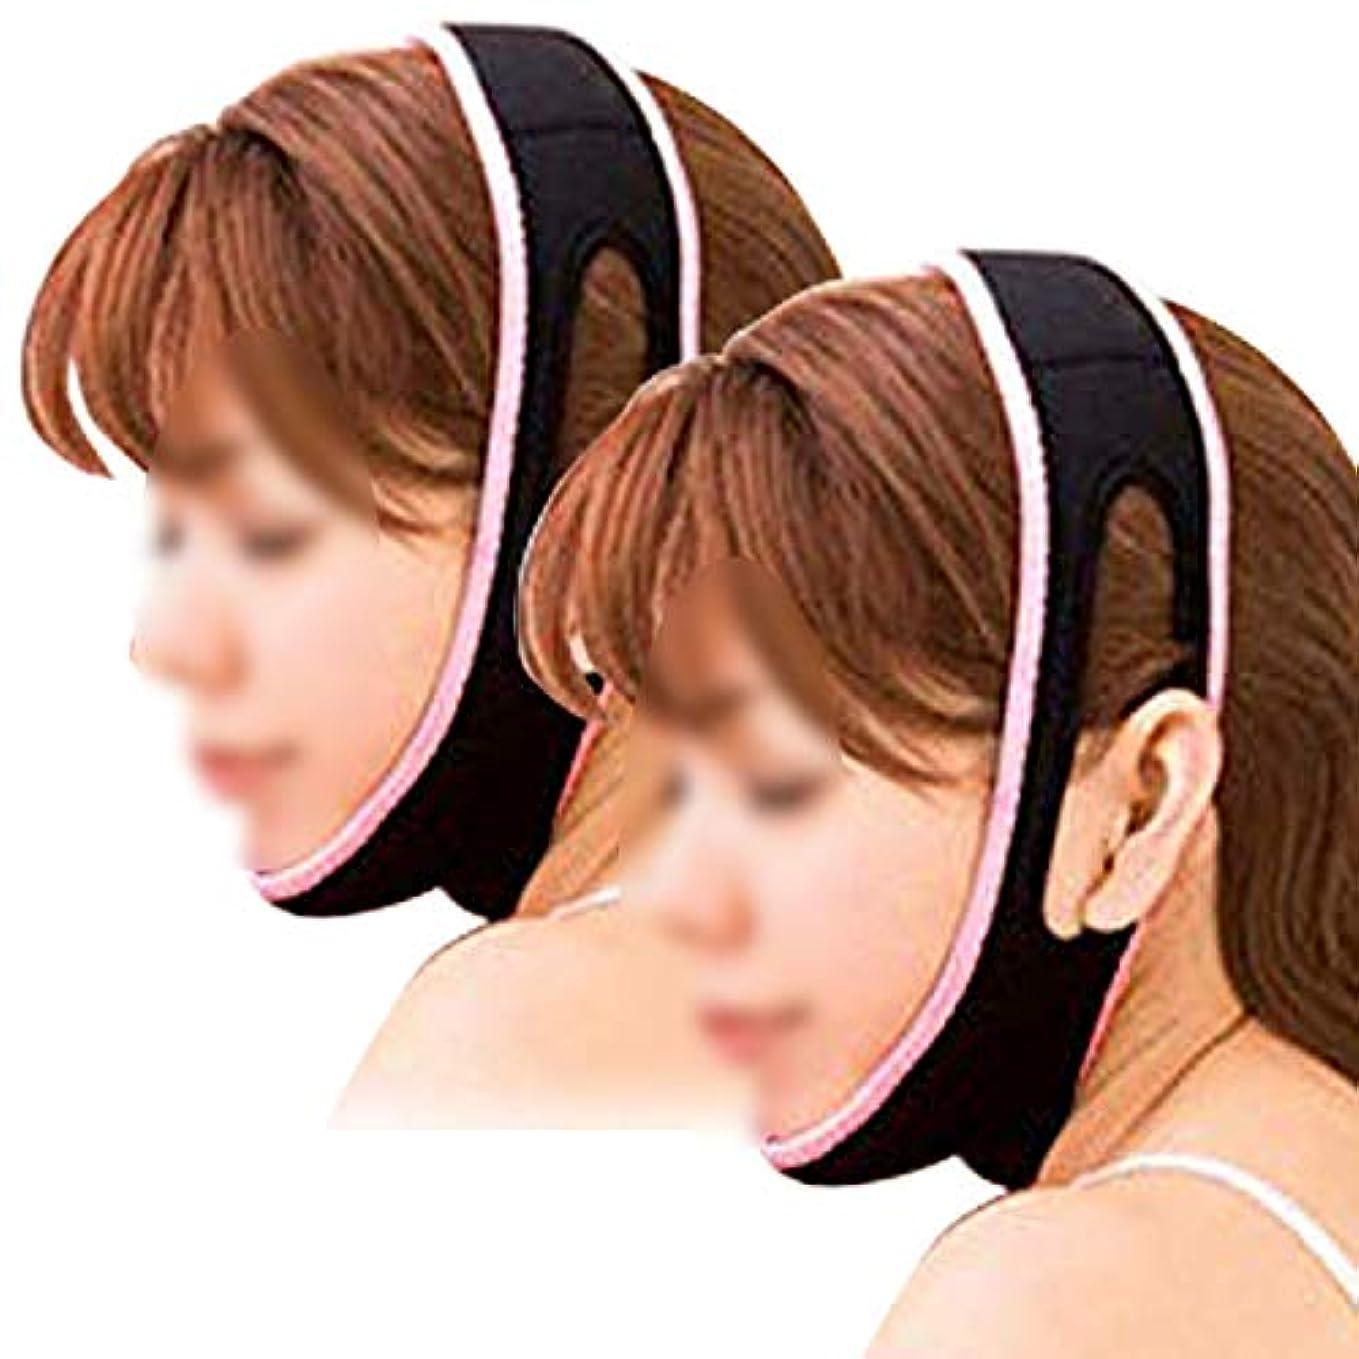 代表して信仰適度な2 枚セット 小顔 顔痩せ 最新型 小顔 ベルト リフトアップ ベルト 引き上げ 小顔 マスク